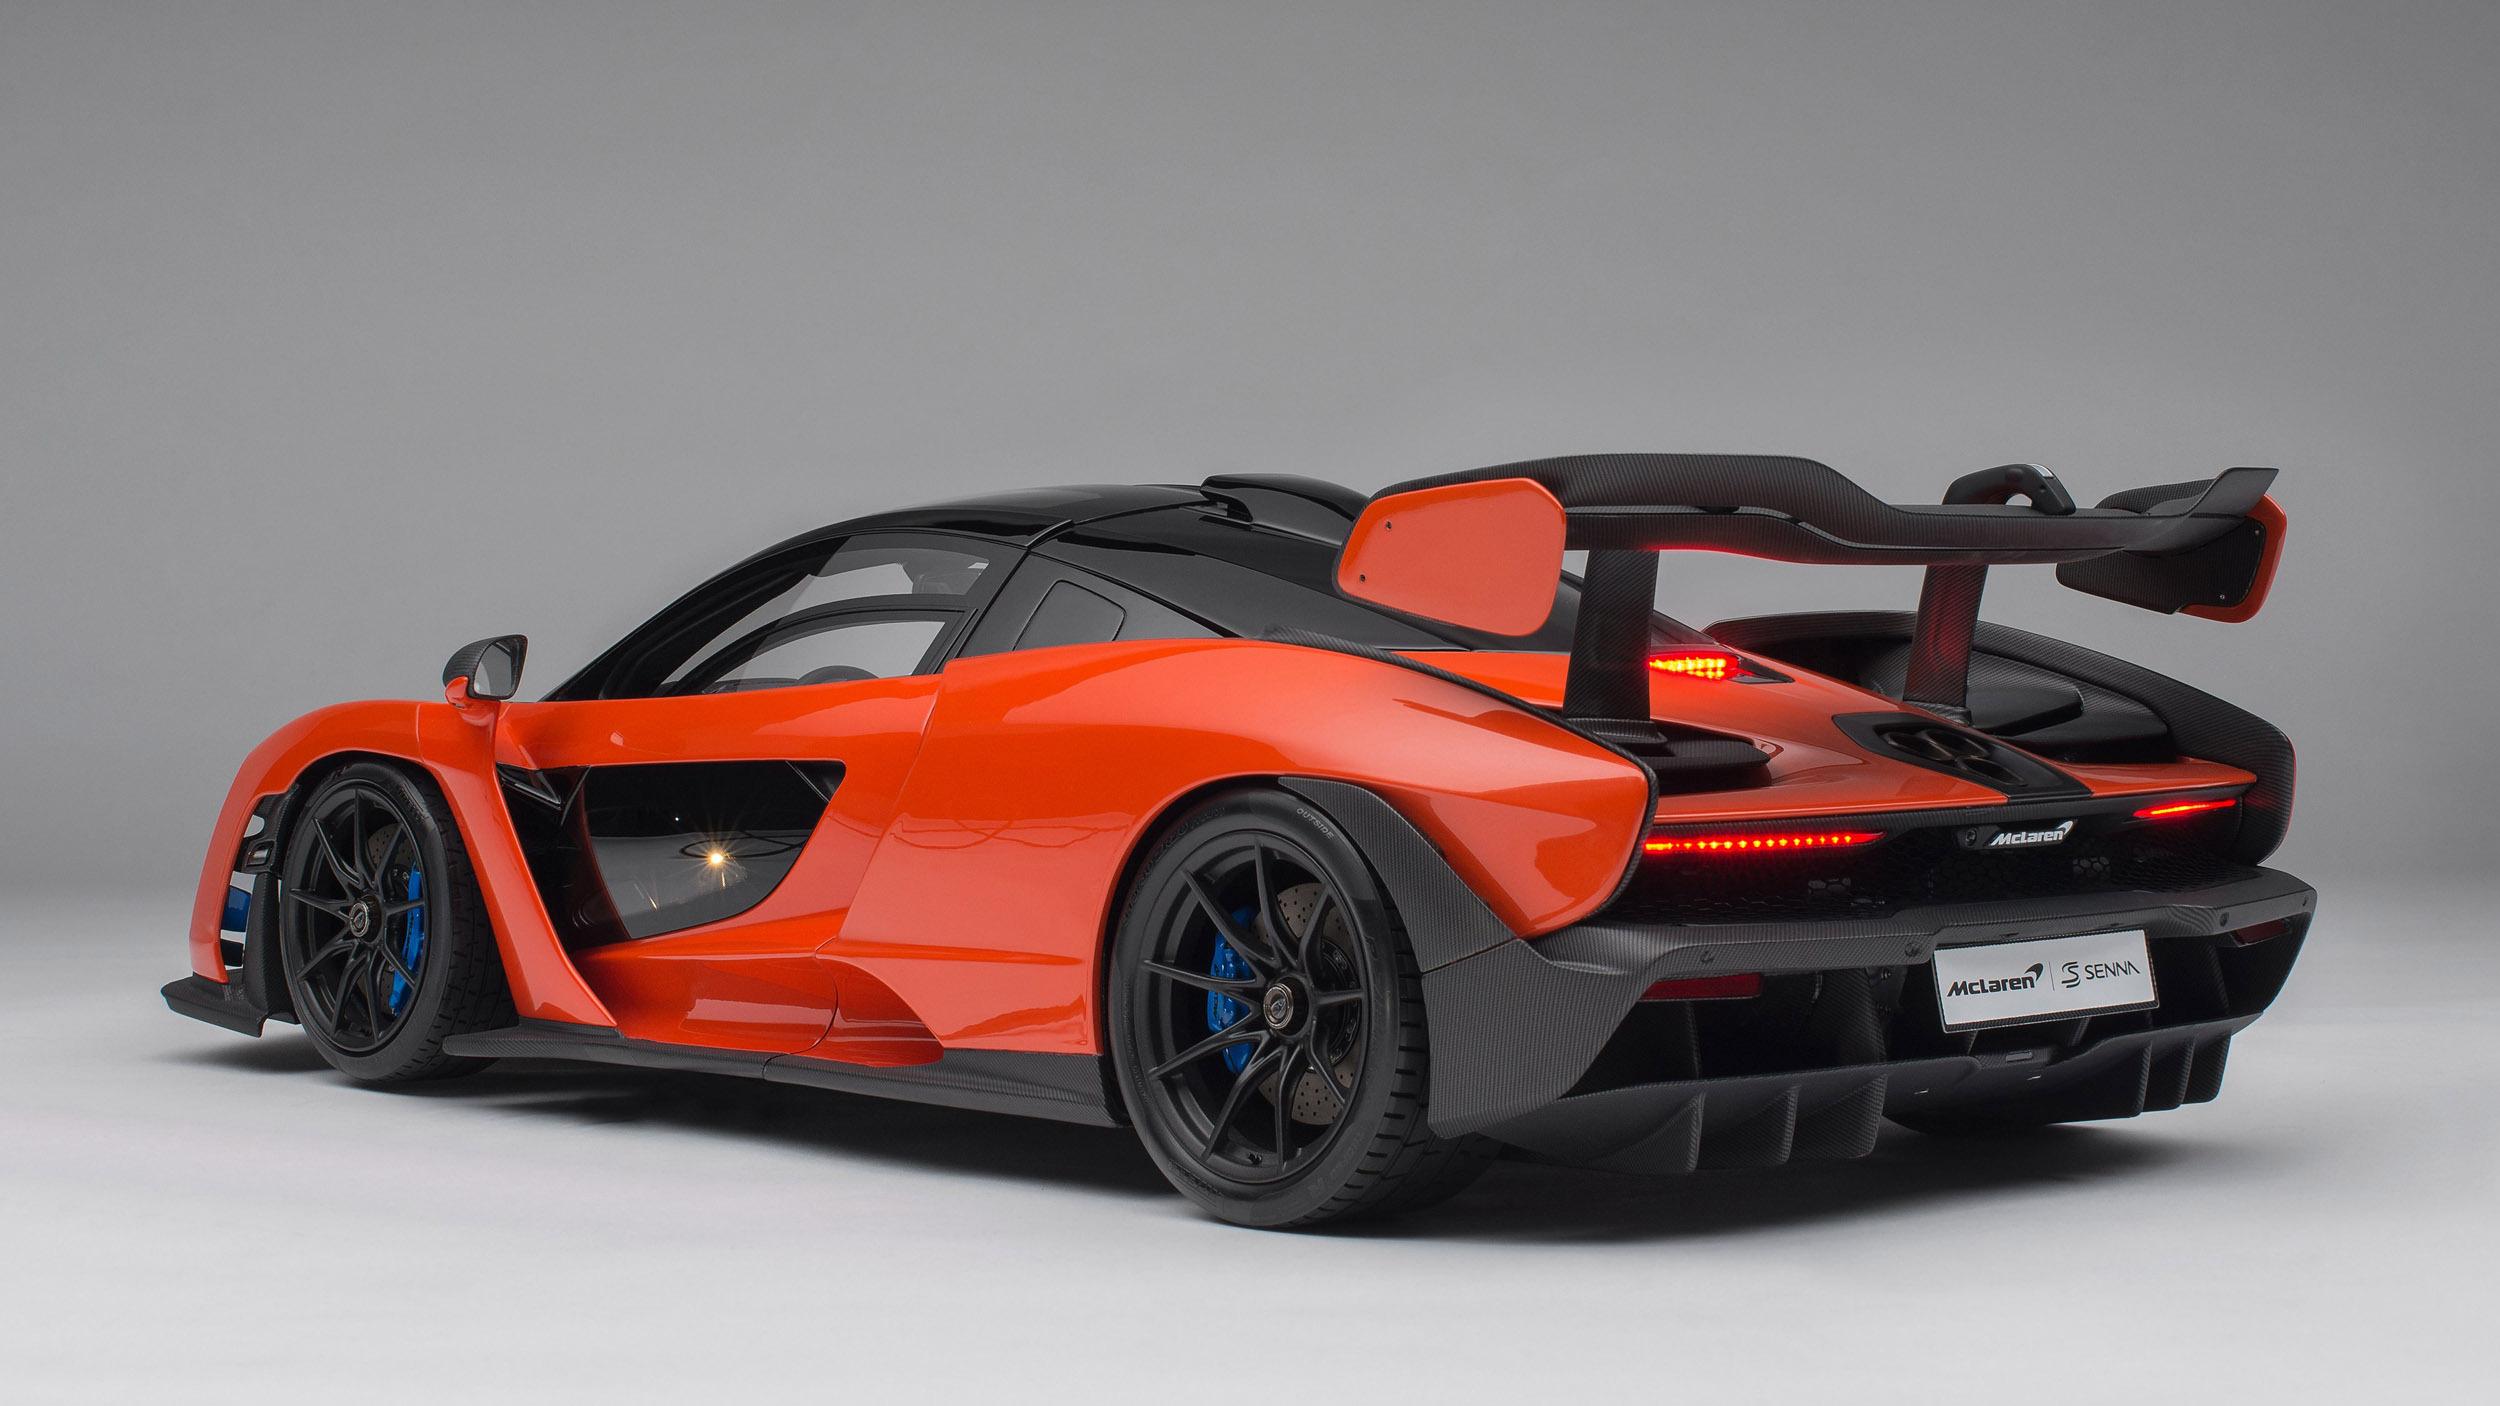 Amalgam-McLaren-Senna-miniature-model-10